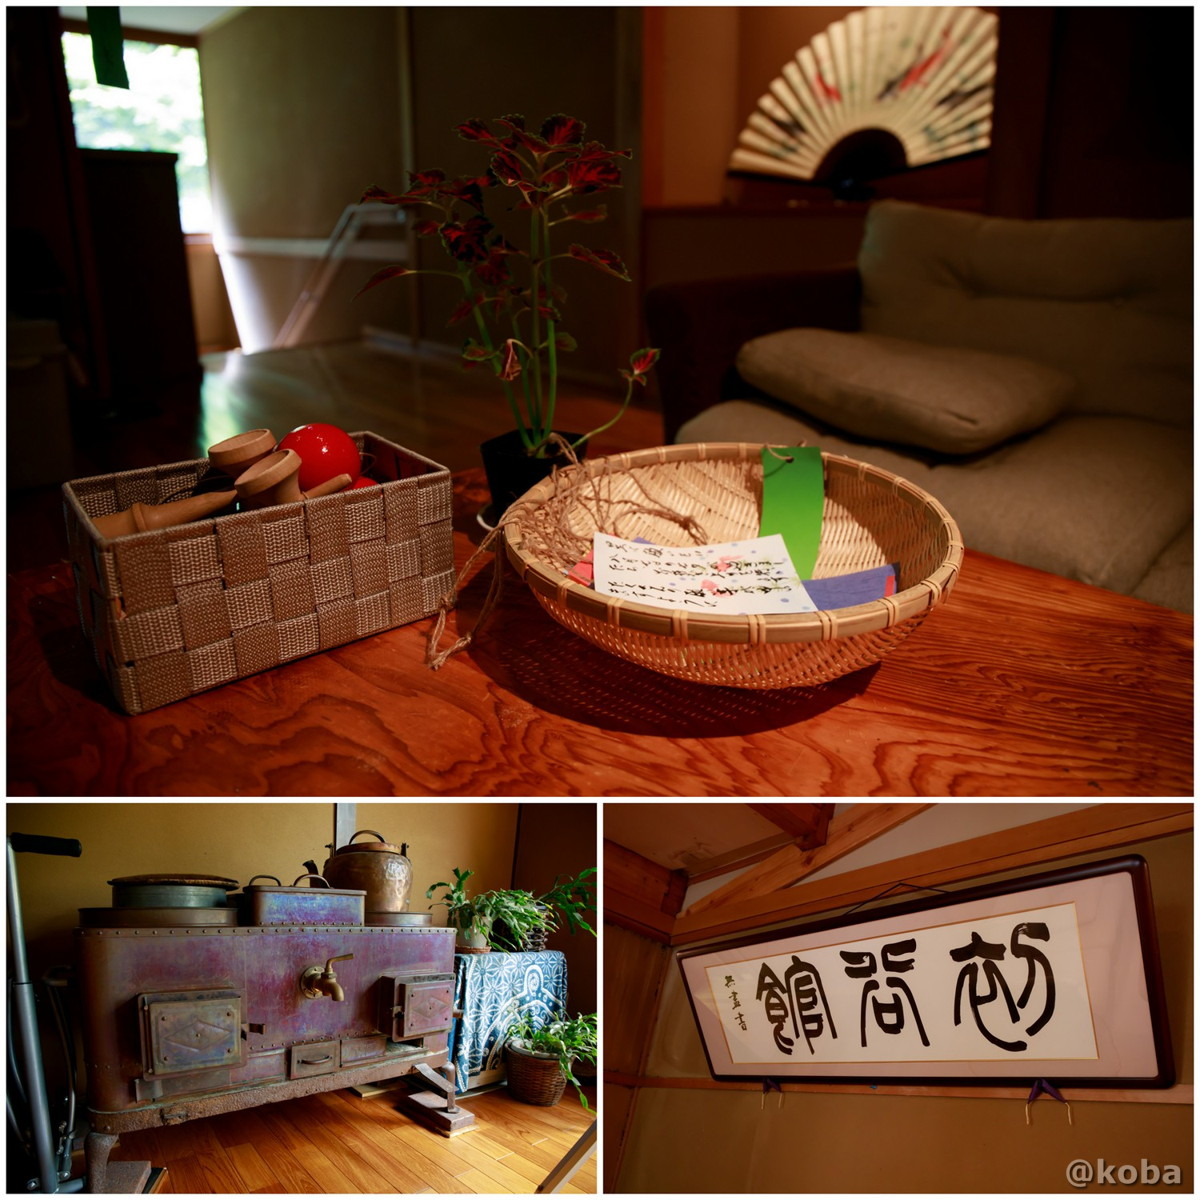 内観の写真 内山峠 初谷温泉(うちやまとうげ しょやおんせん) 長野県佐久市 日本秘湯を守る会